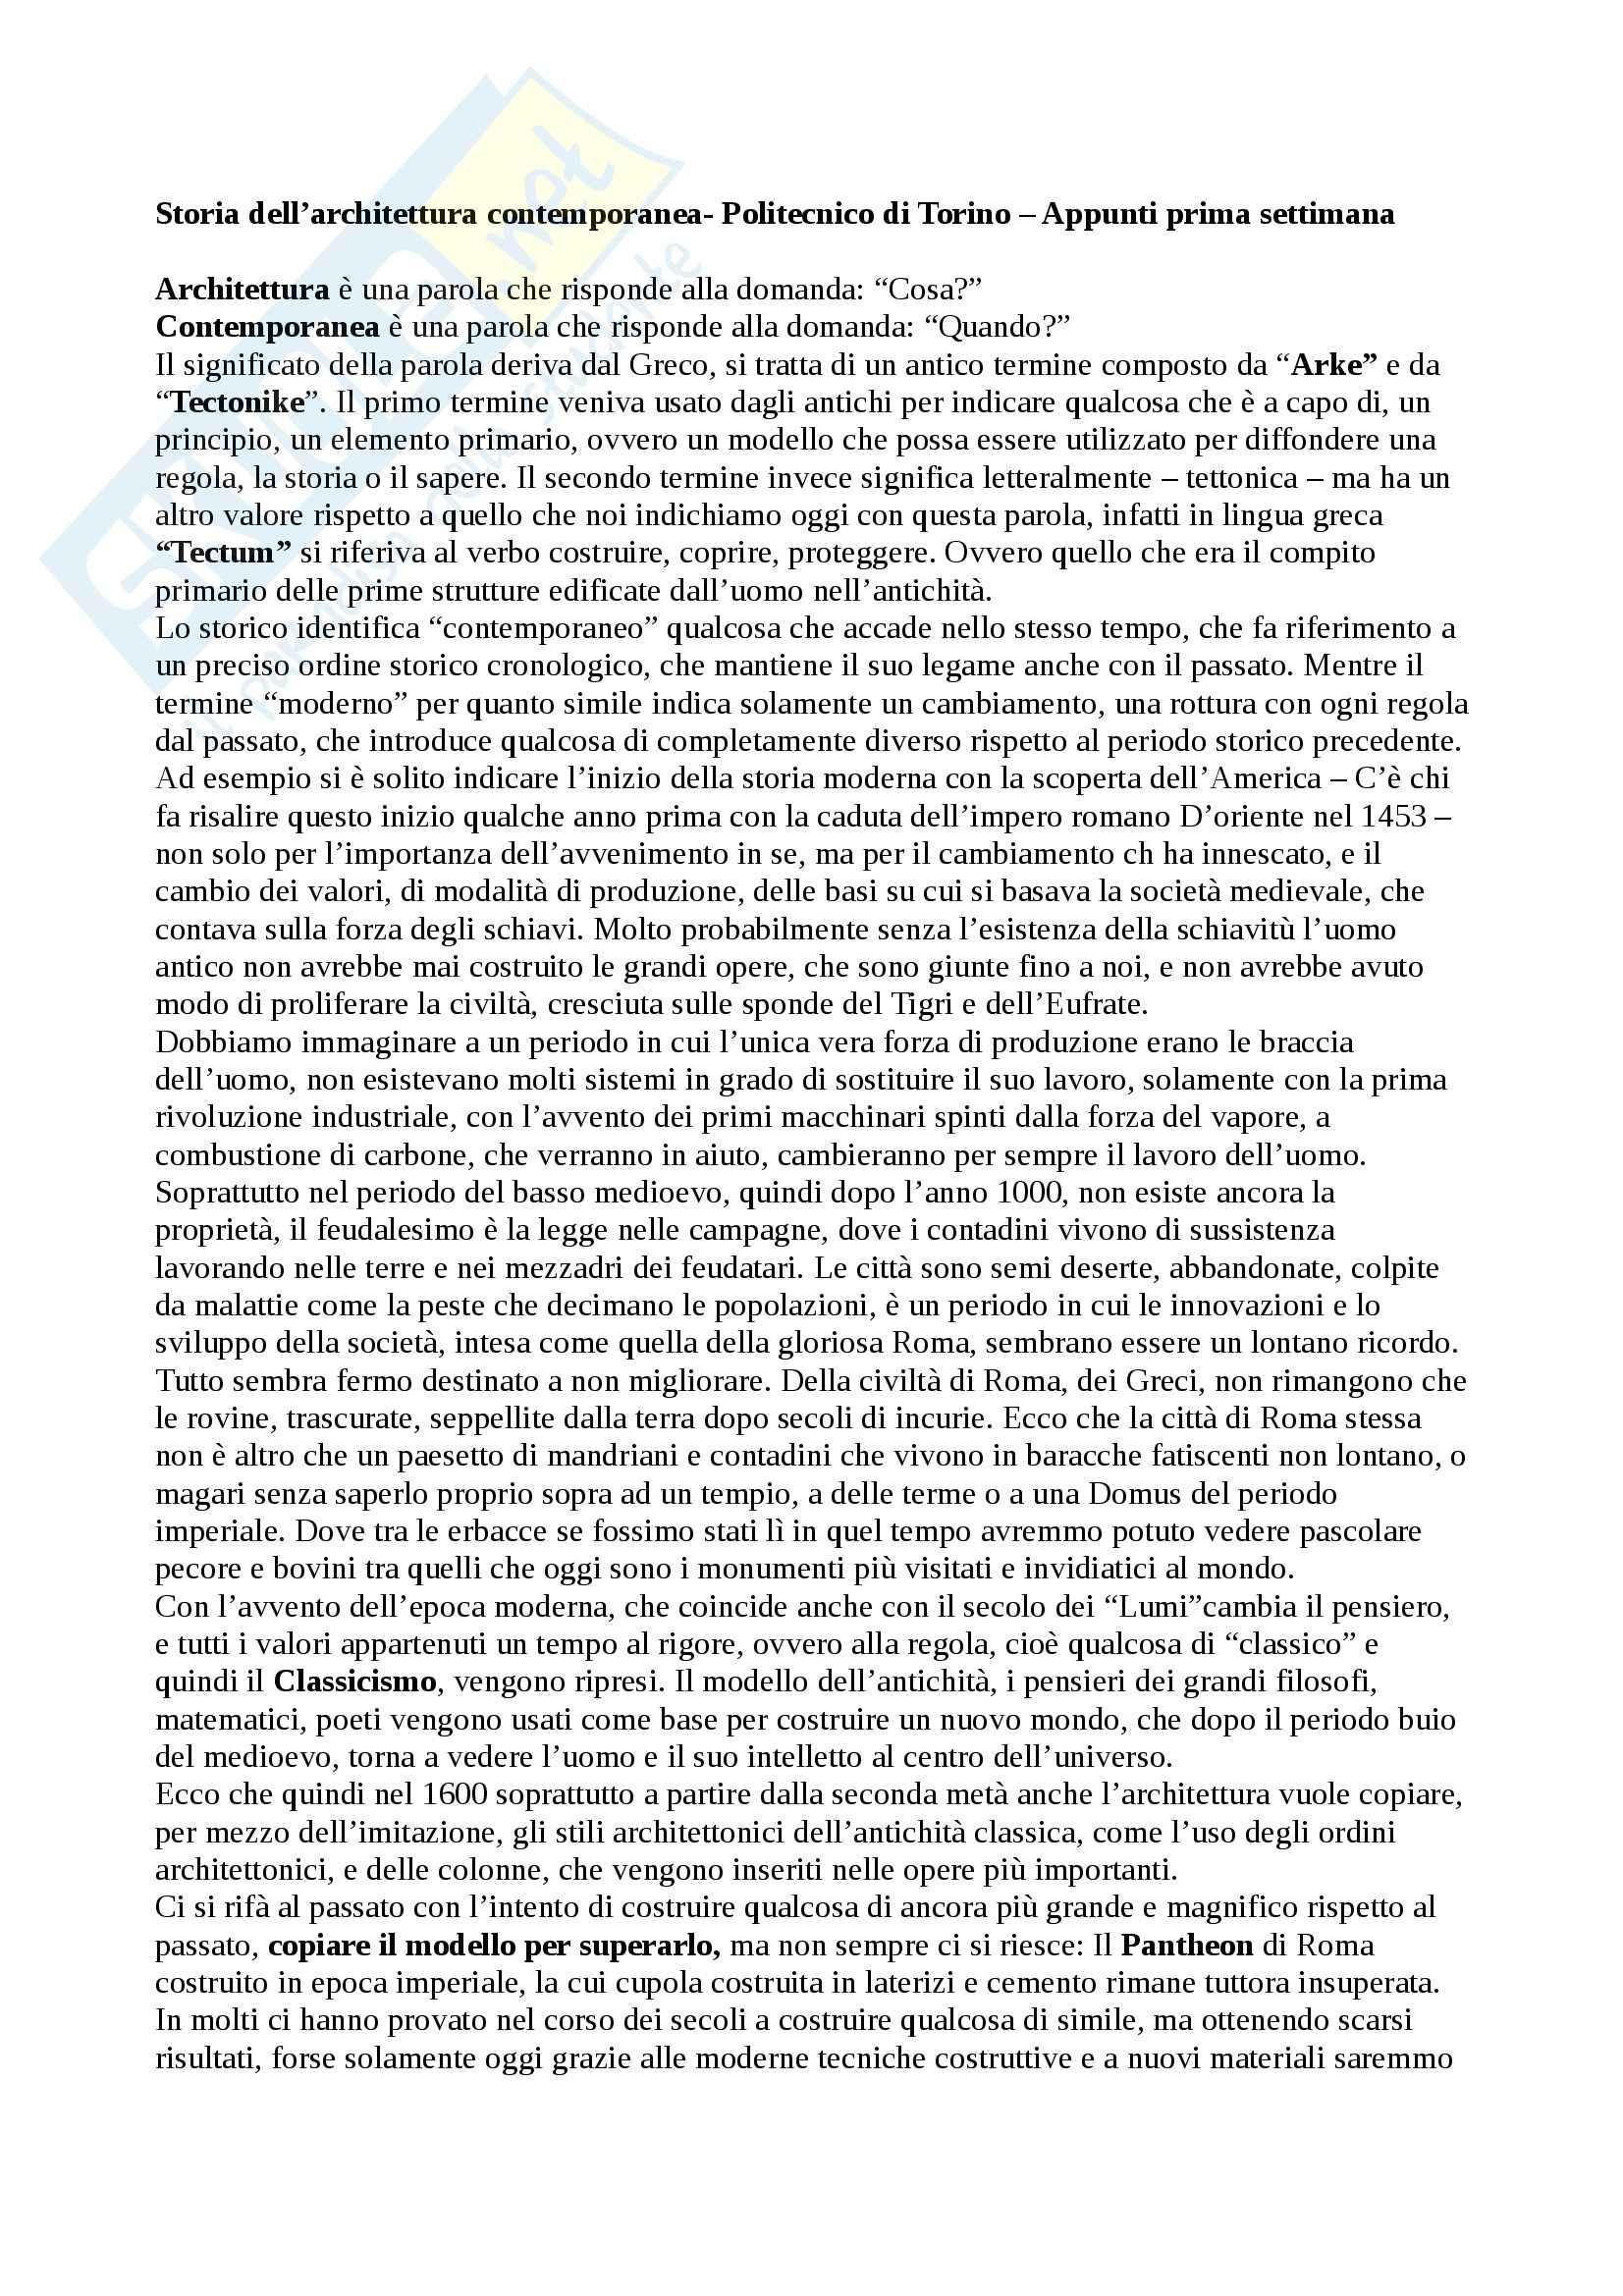 Storia dell'architettura contemporanea - Architettura neoclassica, tra 1700 e 1800.